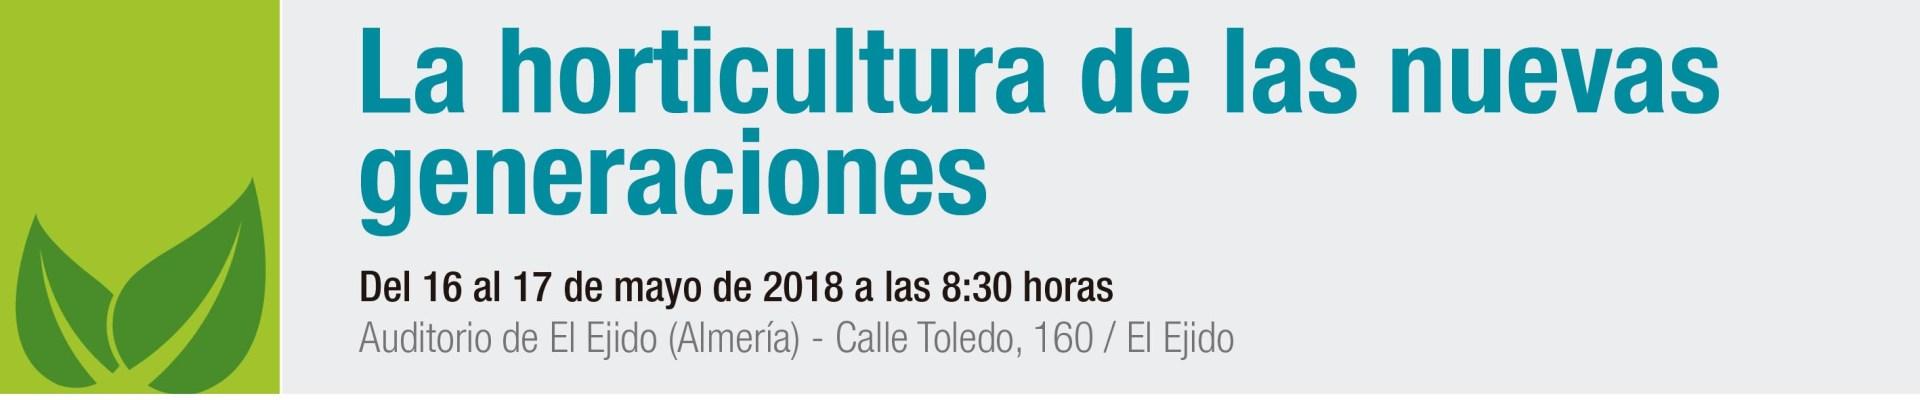 Participo en el II Simposio sobre Agricultura Ecológica, El Ejido (Almería), 16 y 17 de mayo de 2018